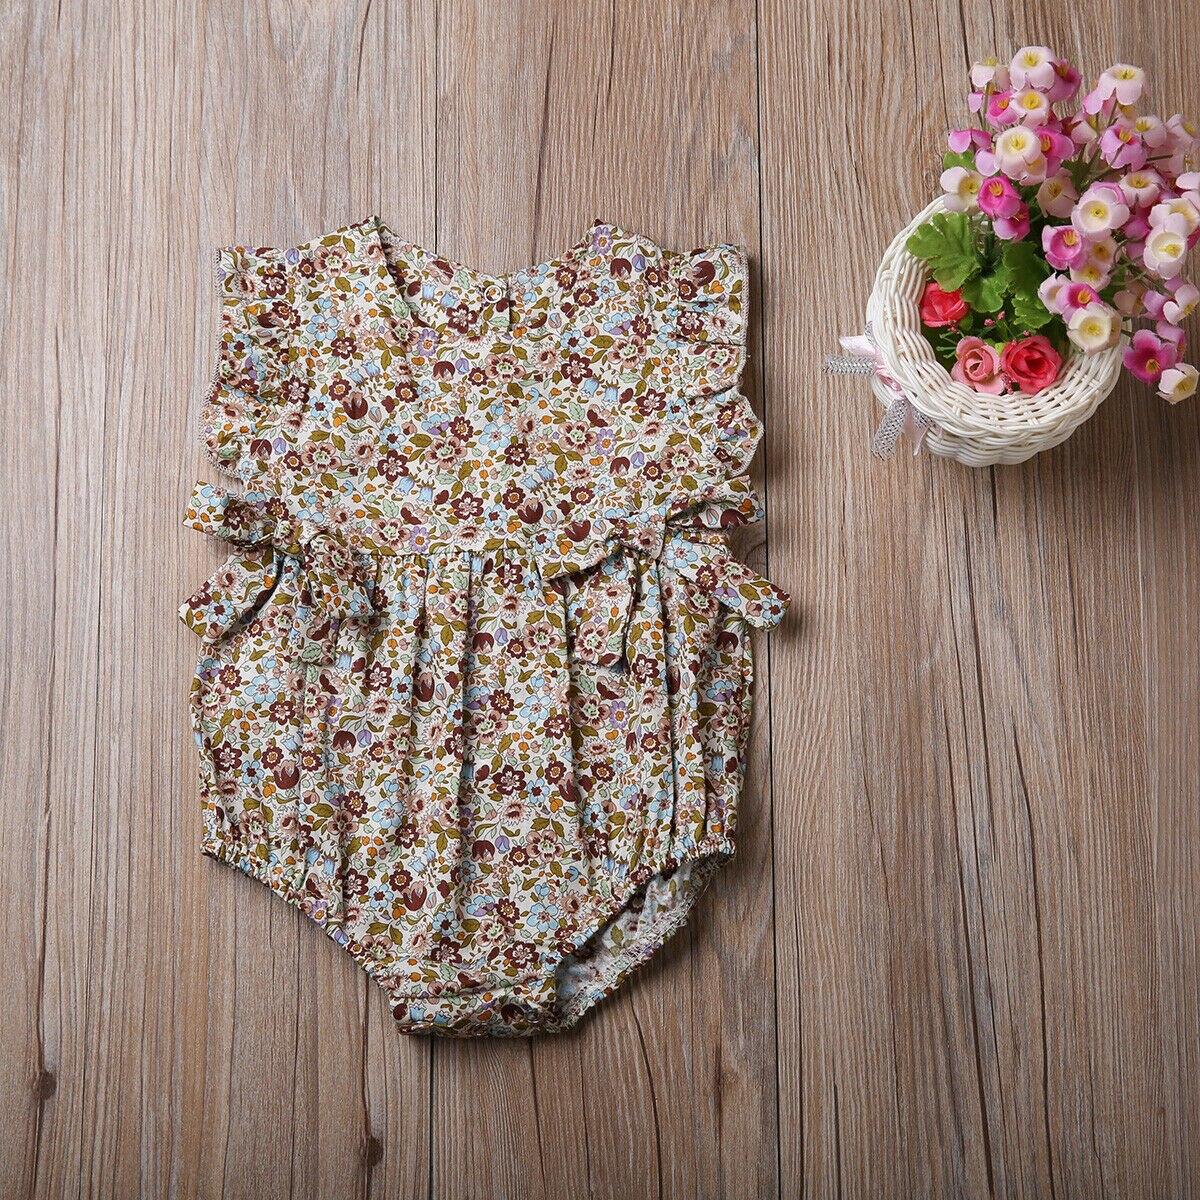 Summer Flower Baby Girls Ruffles Romper